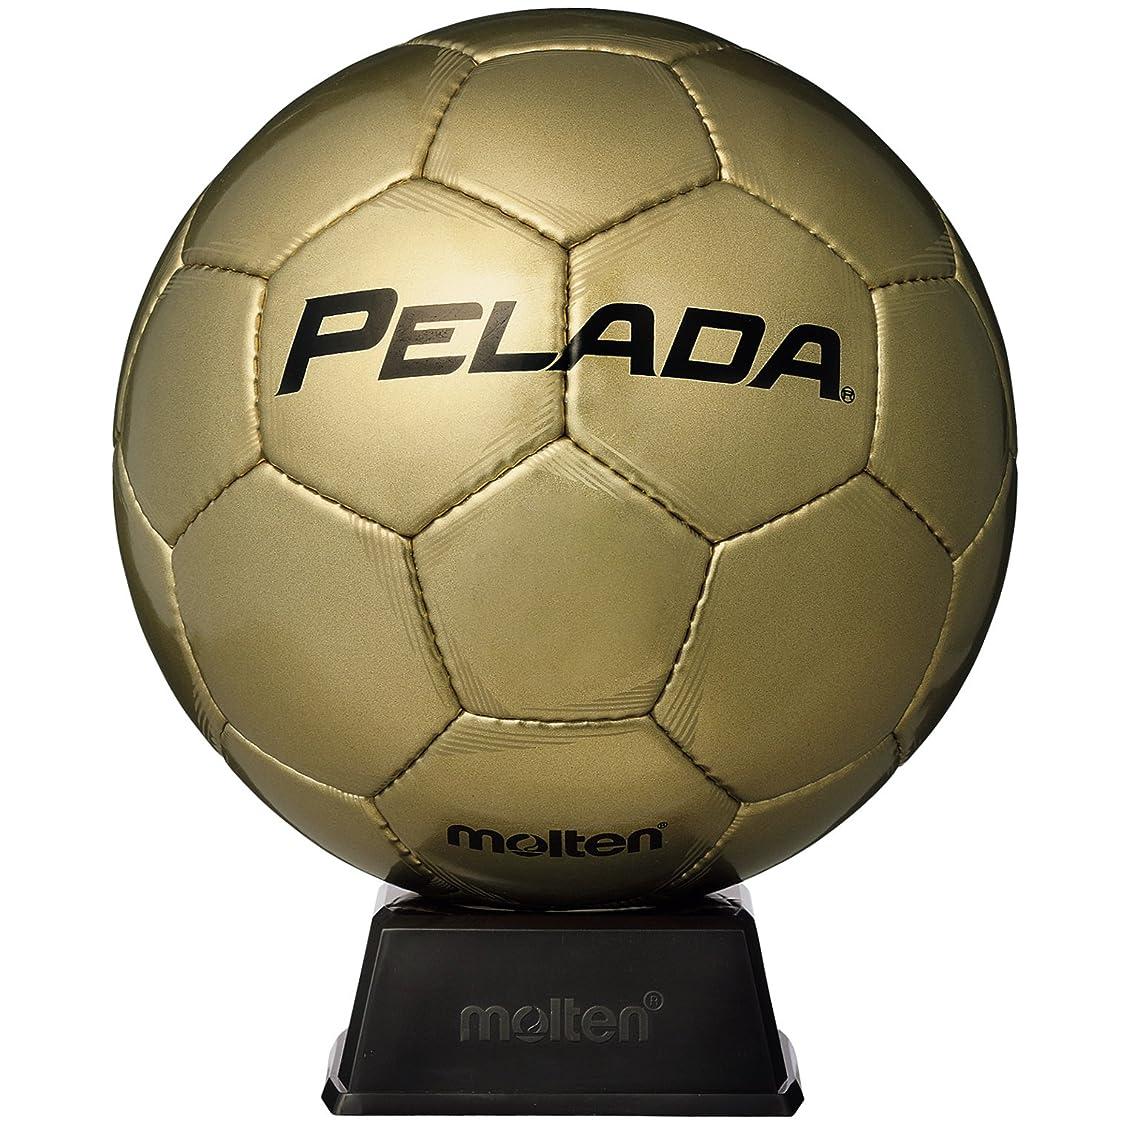 豆受益者崇拝するmolten(モルテン) サッカーボール ペレーダ記念ボール 5号 (置台付き)F5P9500